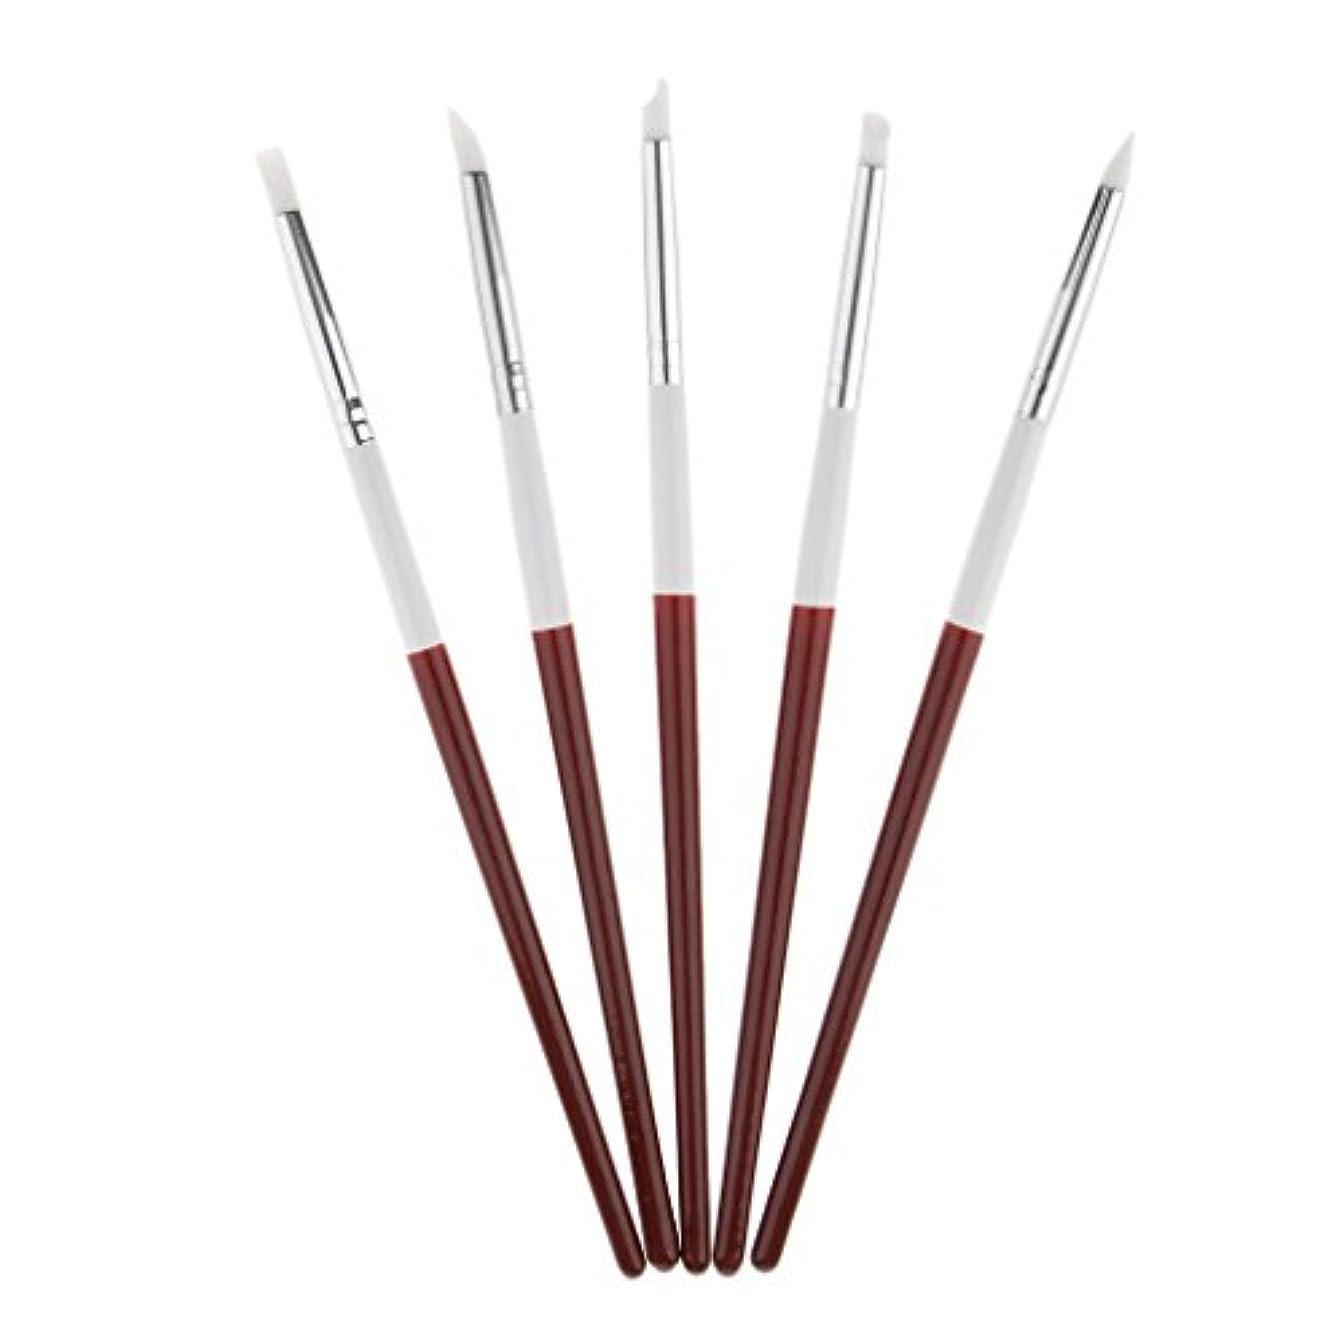 バズ議会歯車5本 ネイルアートペン ネイルブラシ ネイル ブラシ 絵画 彫刻ペン シリコンヘッド 3タイプ選べる - 18.5cm